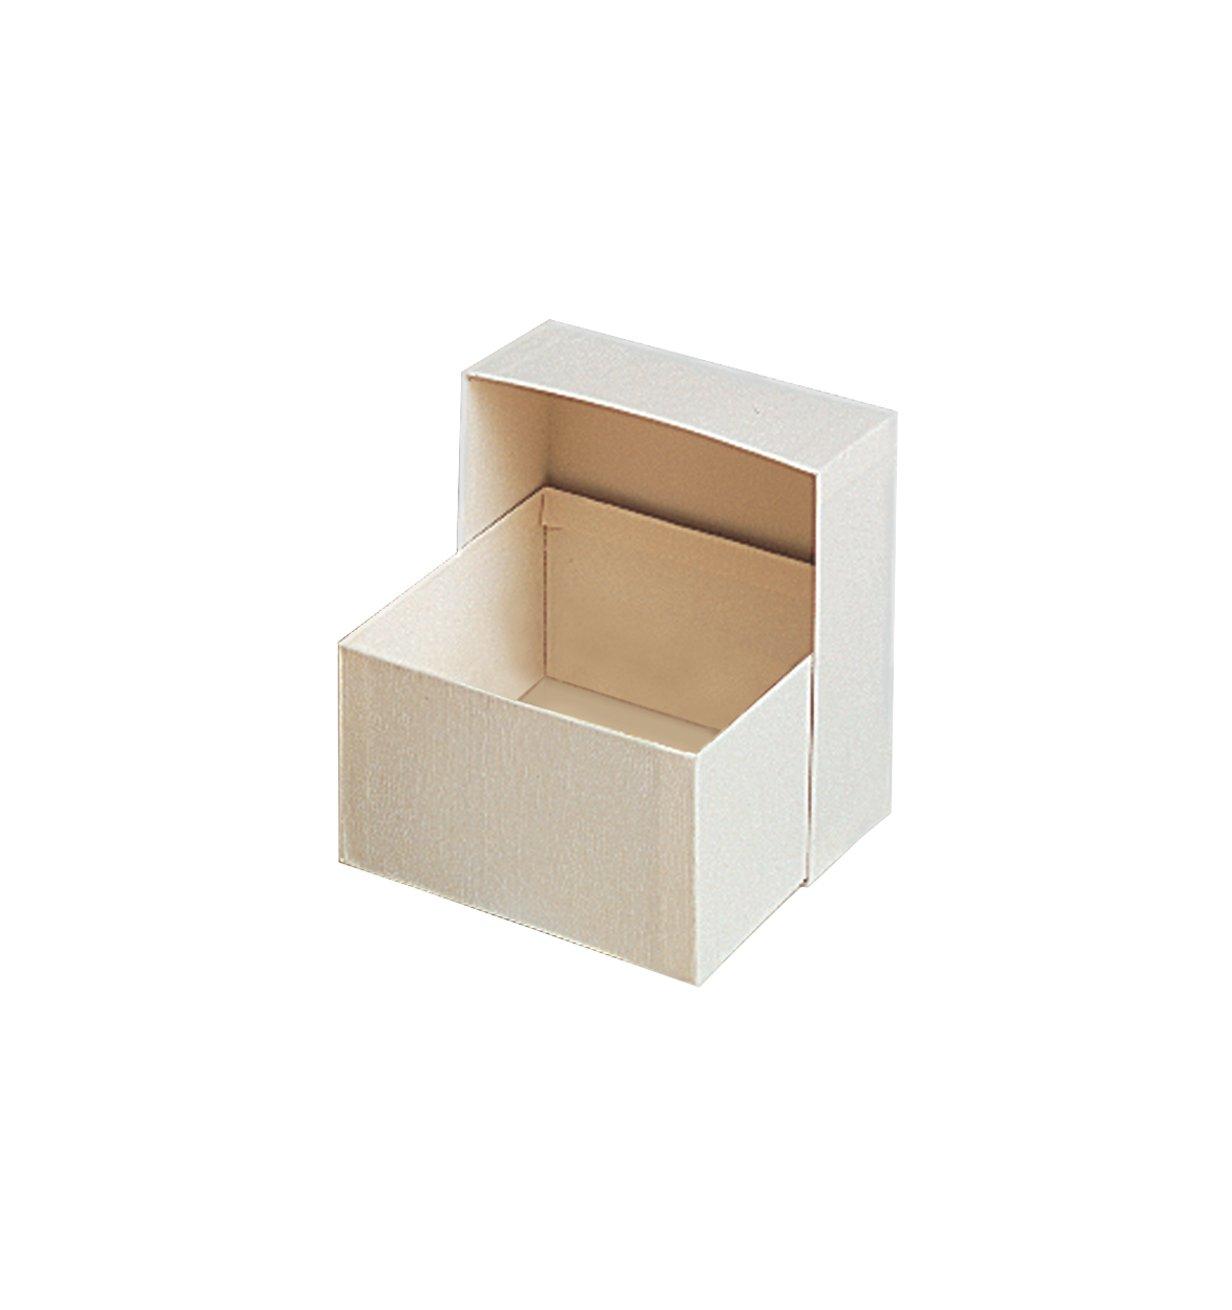 Amazon.com: Thermo Scientific fiberboard Cajas, 5.3l X 5,3 W ...